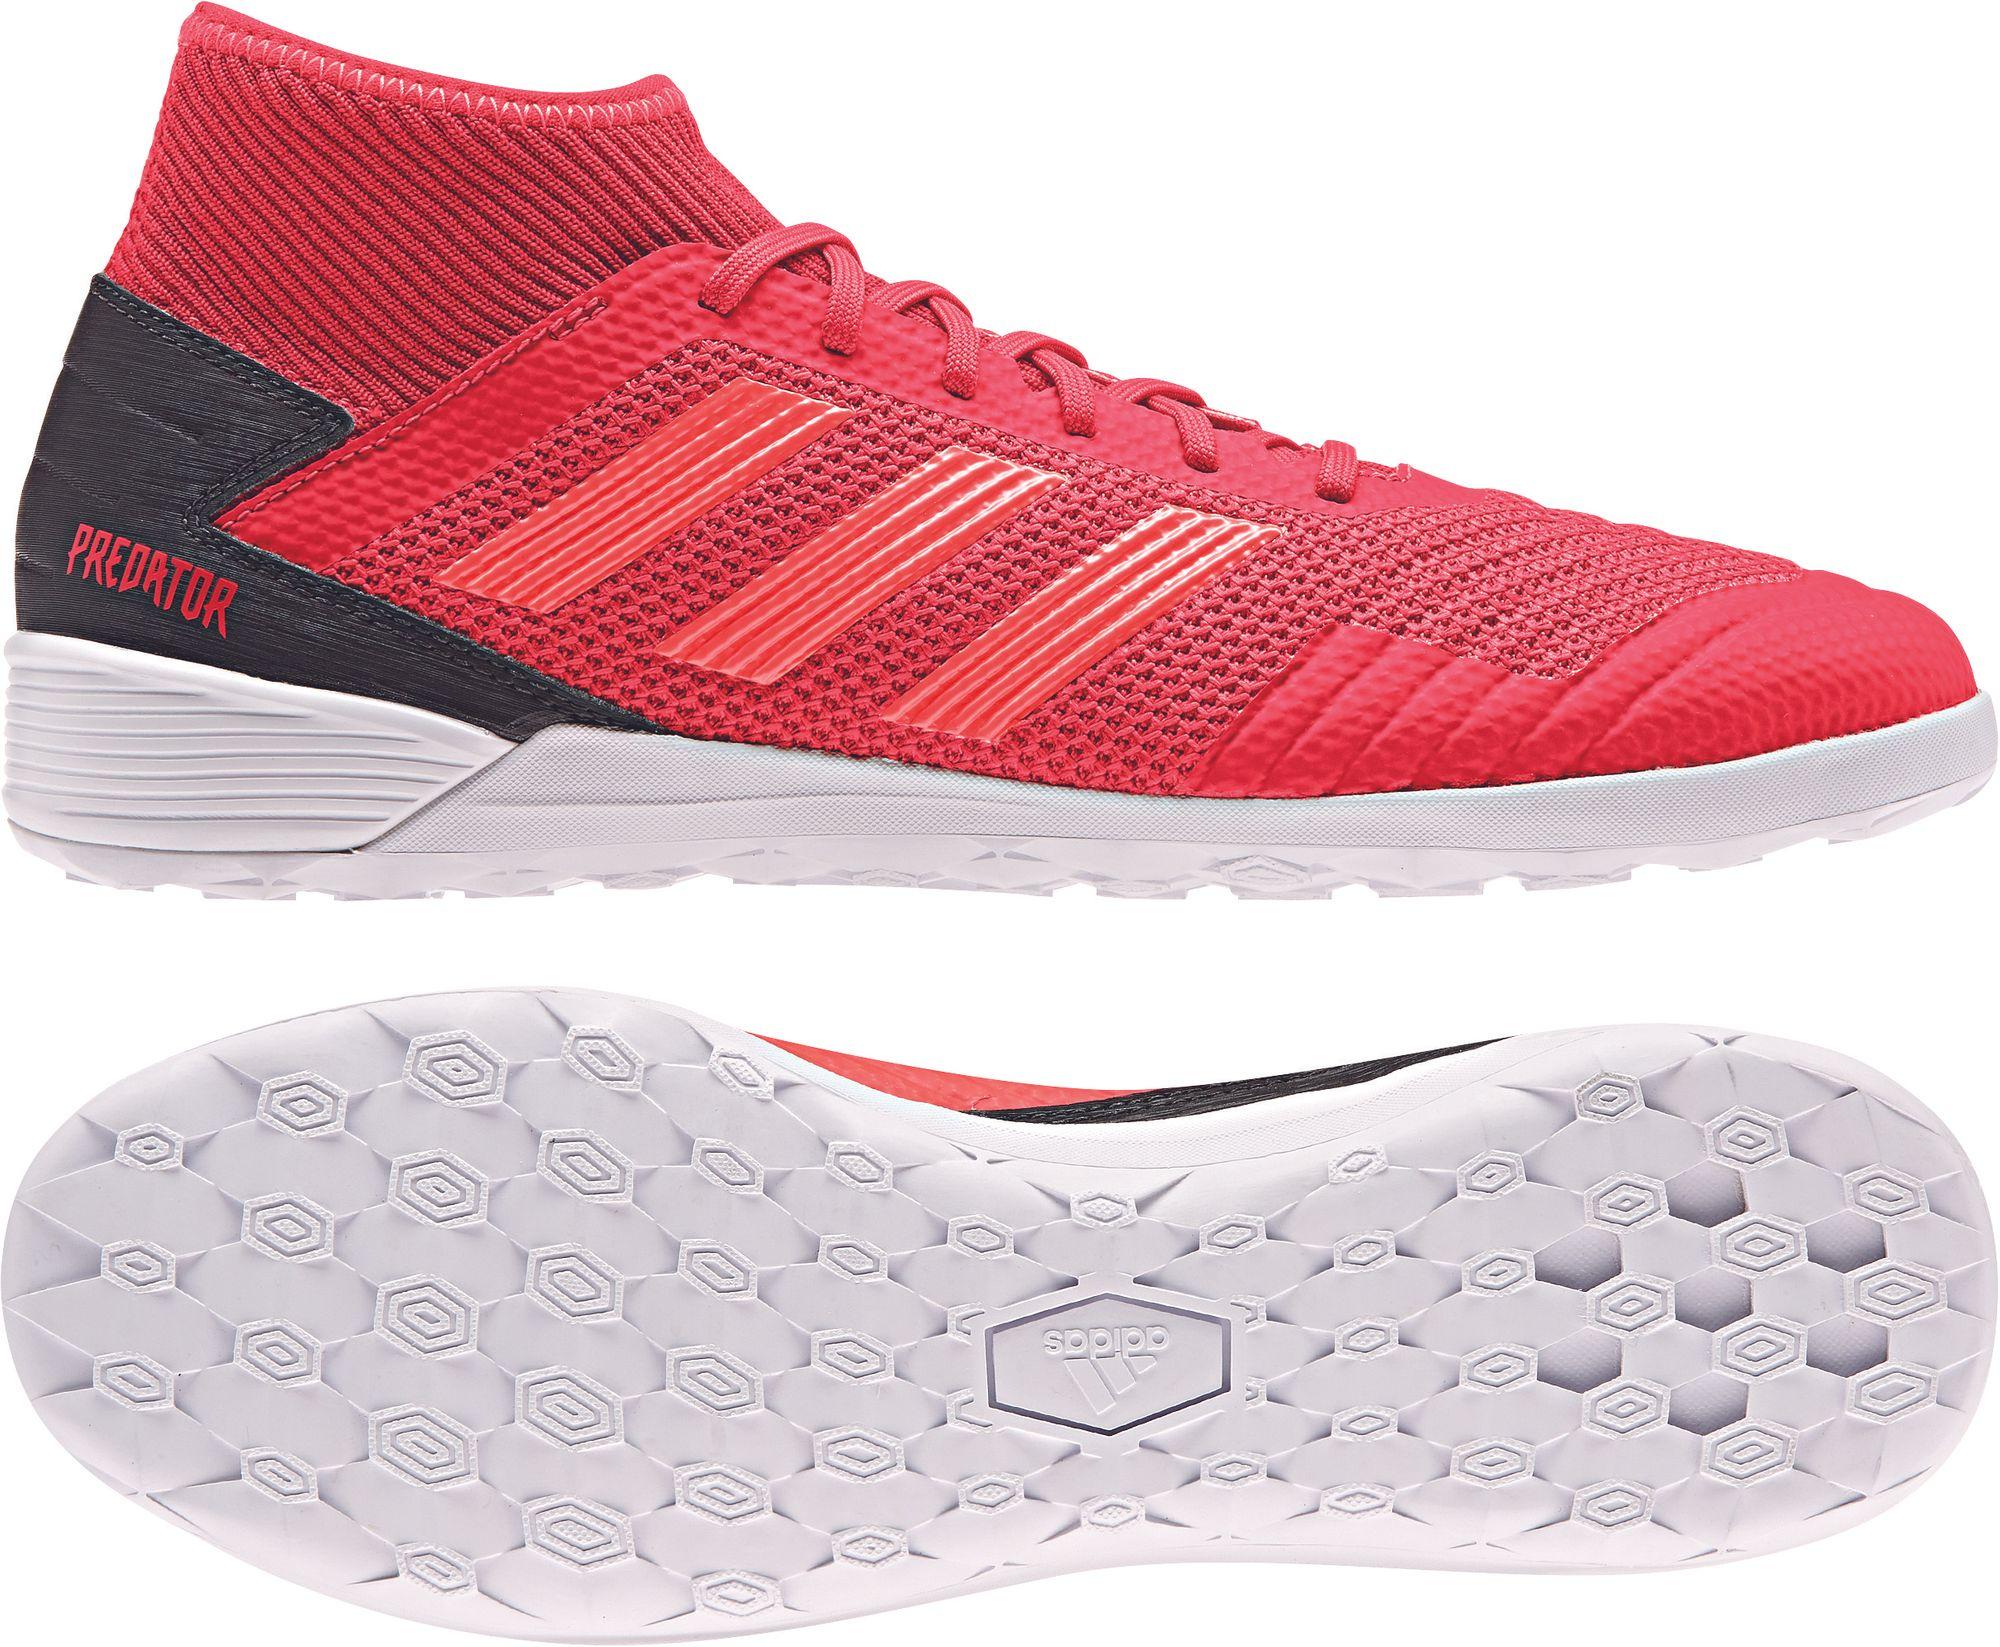 adidas PREDATOR 19.3 IN Hallenschuh rot-schwarz Schuhe Fußballschuhe ... fc4c344abe